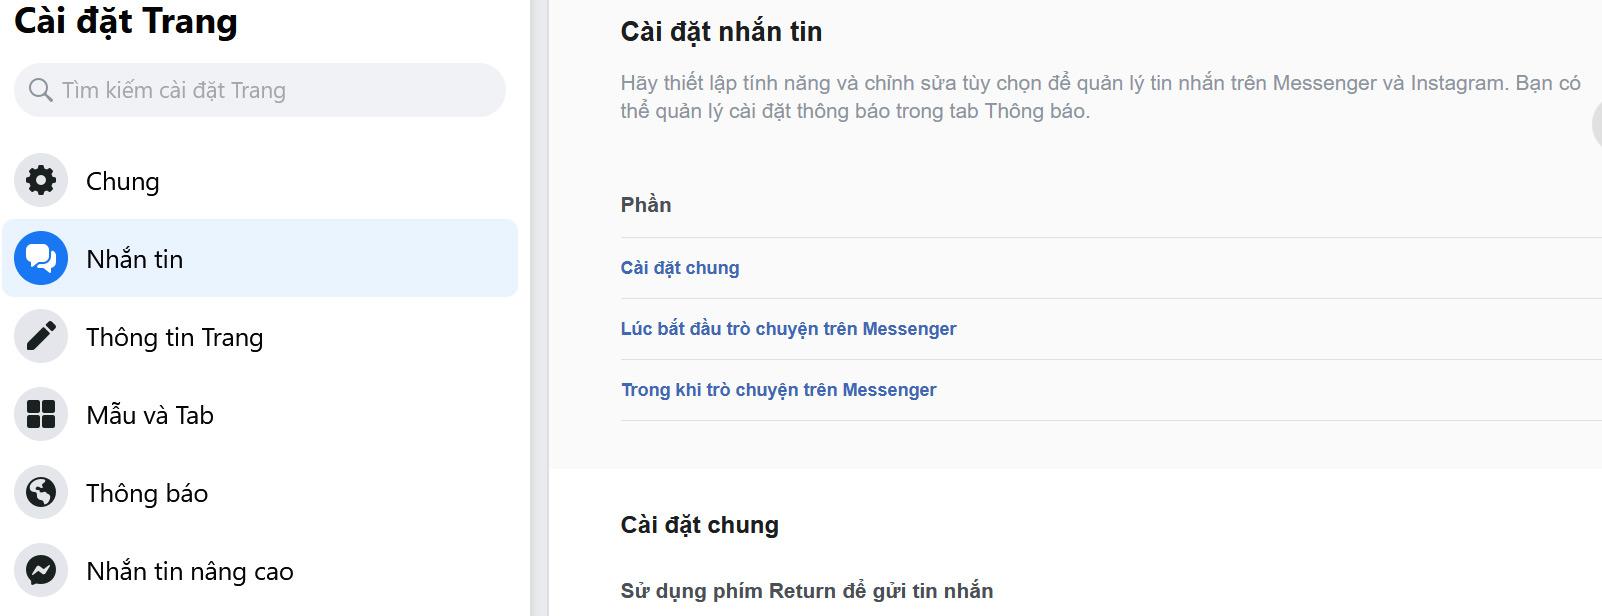 Chọn mục Nhắn tin ở phần Cài đặt Trang